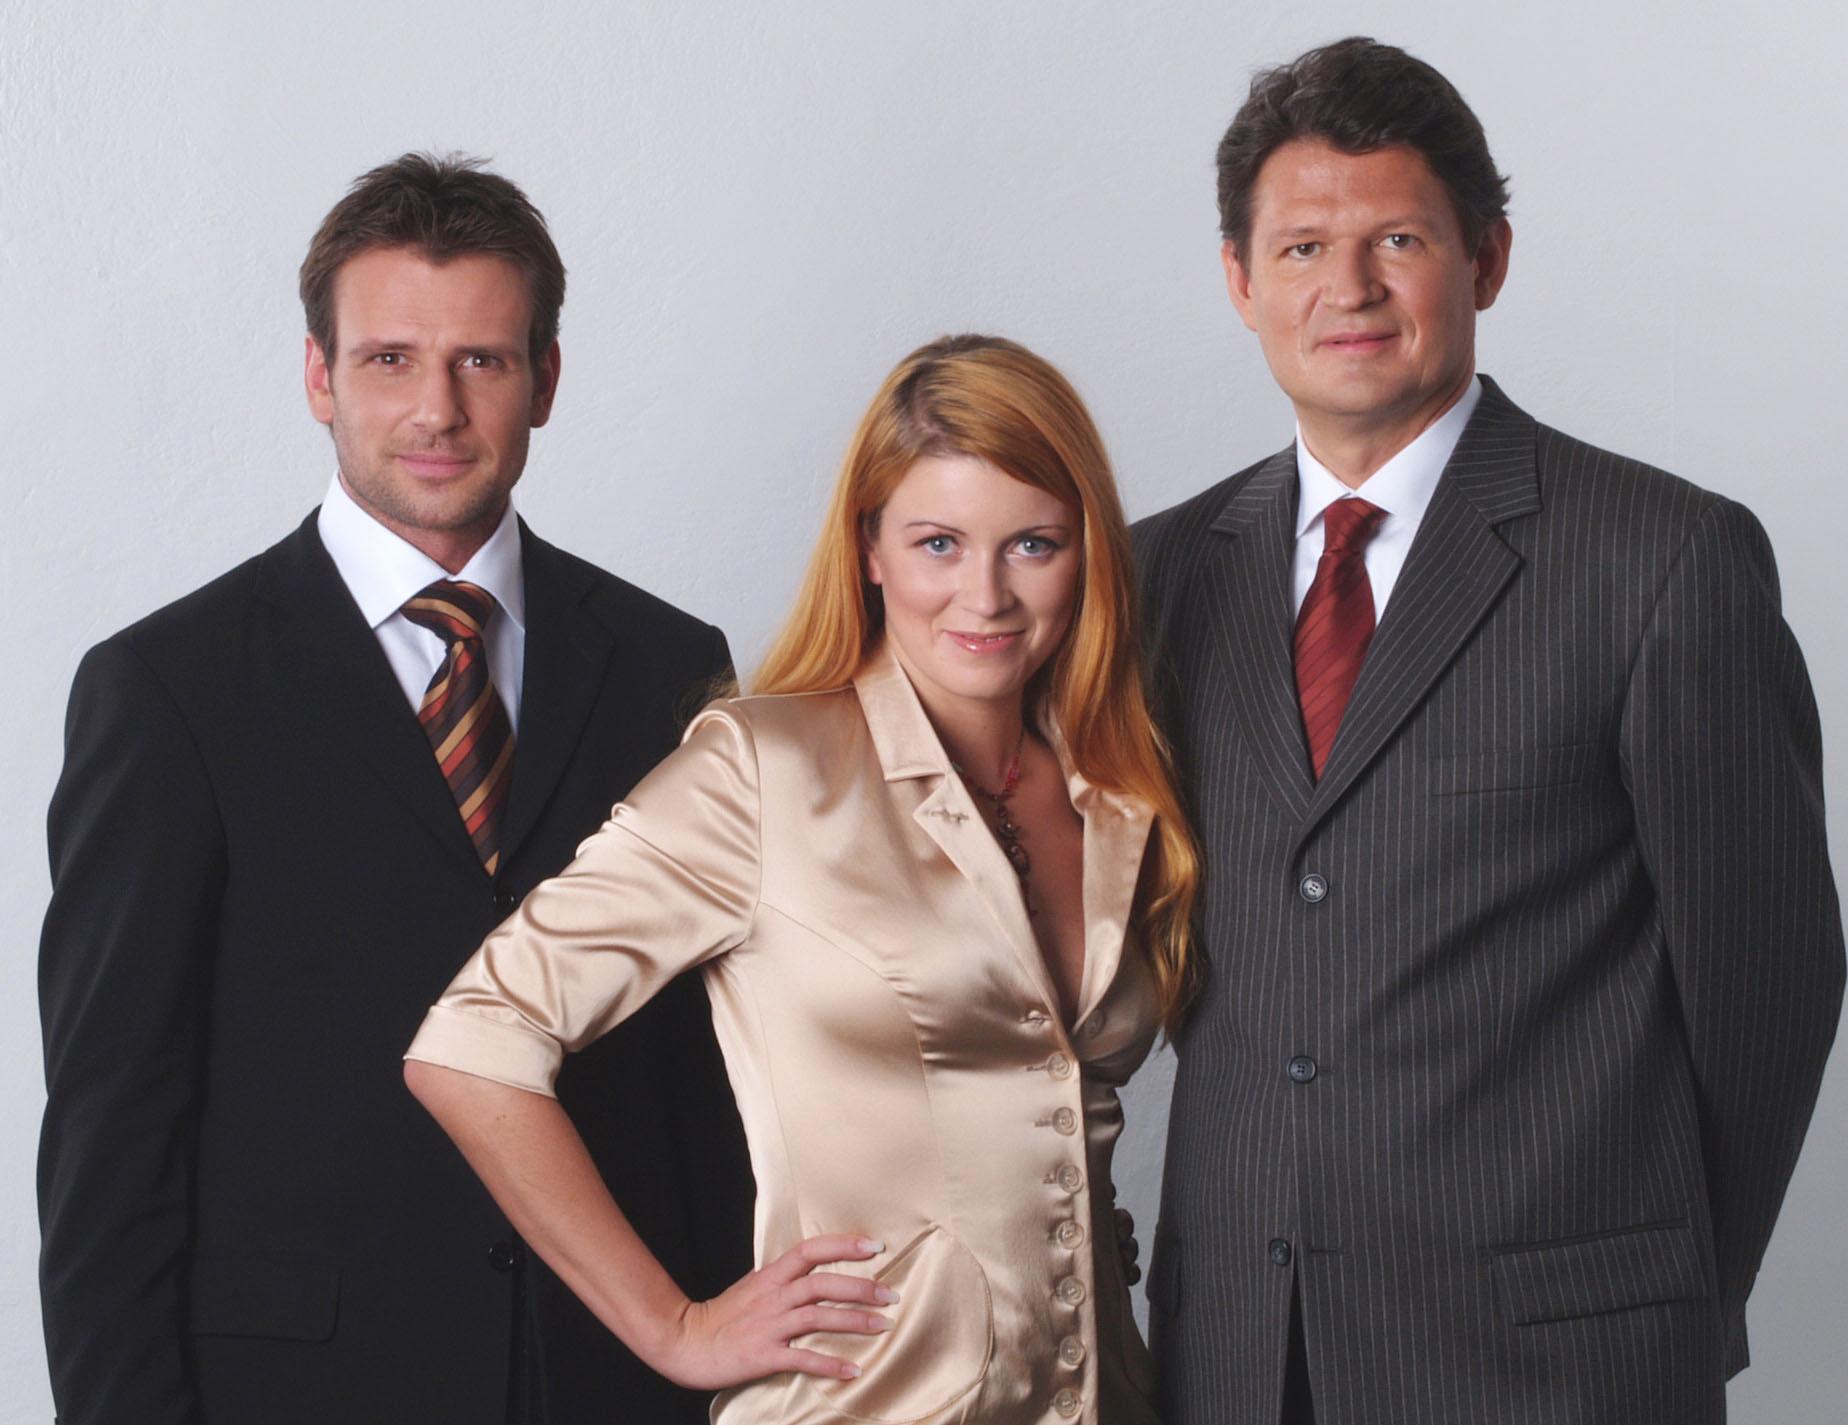 Dieses Team wird die Österreicher ab 26.Jänner von Montag bis Freitag um 20 Uhr mit TopNews versorgen. Volker Piesczek, Sabine Mord und Dr. Helmut Brandstätter (von links) sind die Gesichter des neuen Nachrichtenformates auf ProSieben Austria.